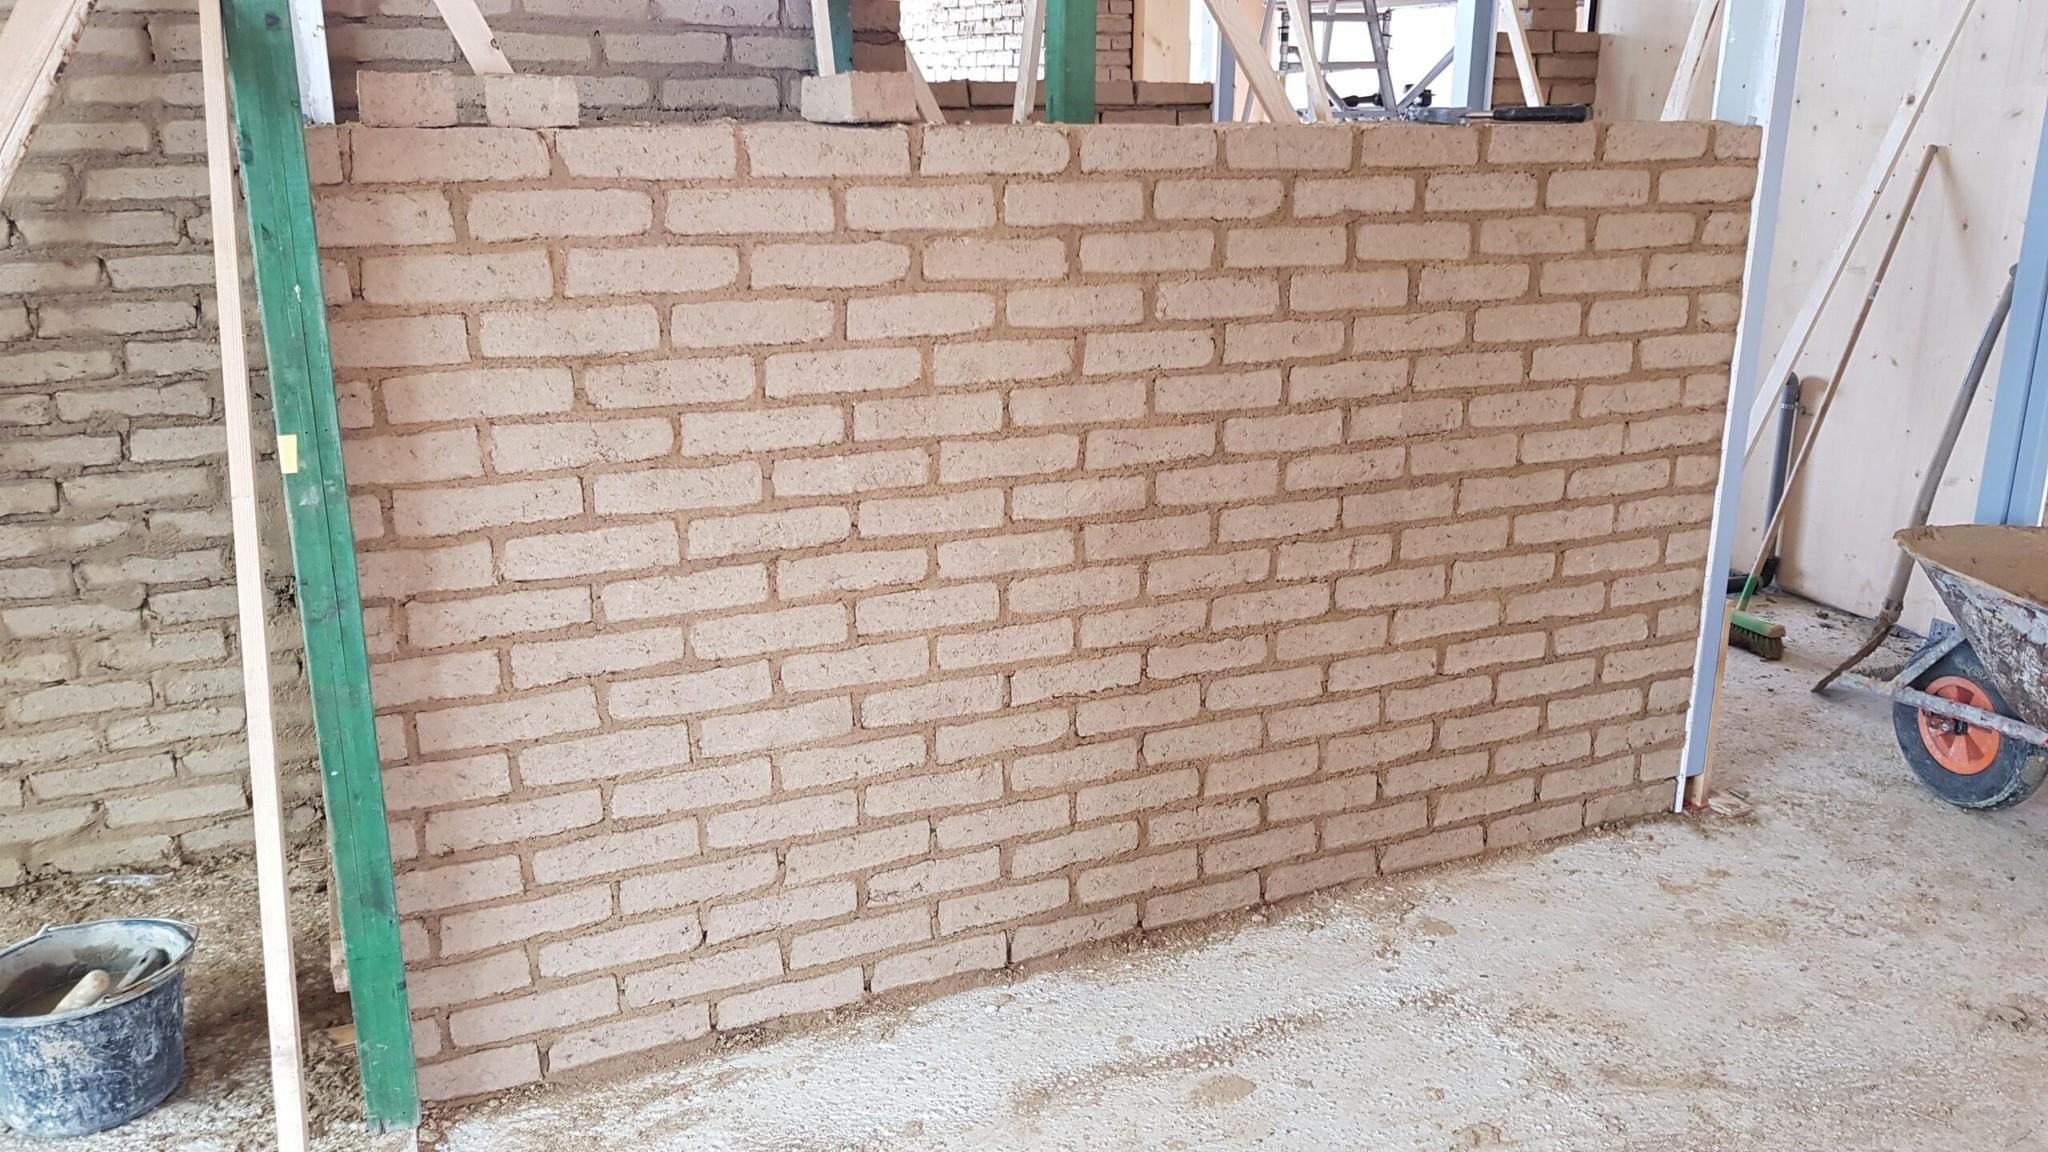 Welke materialen kun je gebruiken voor het maken van een scheidingswand?